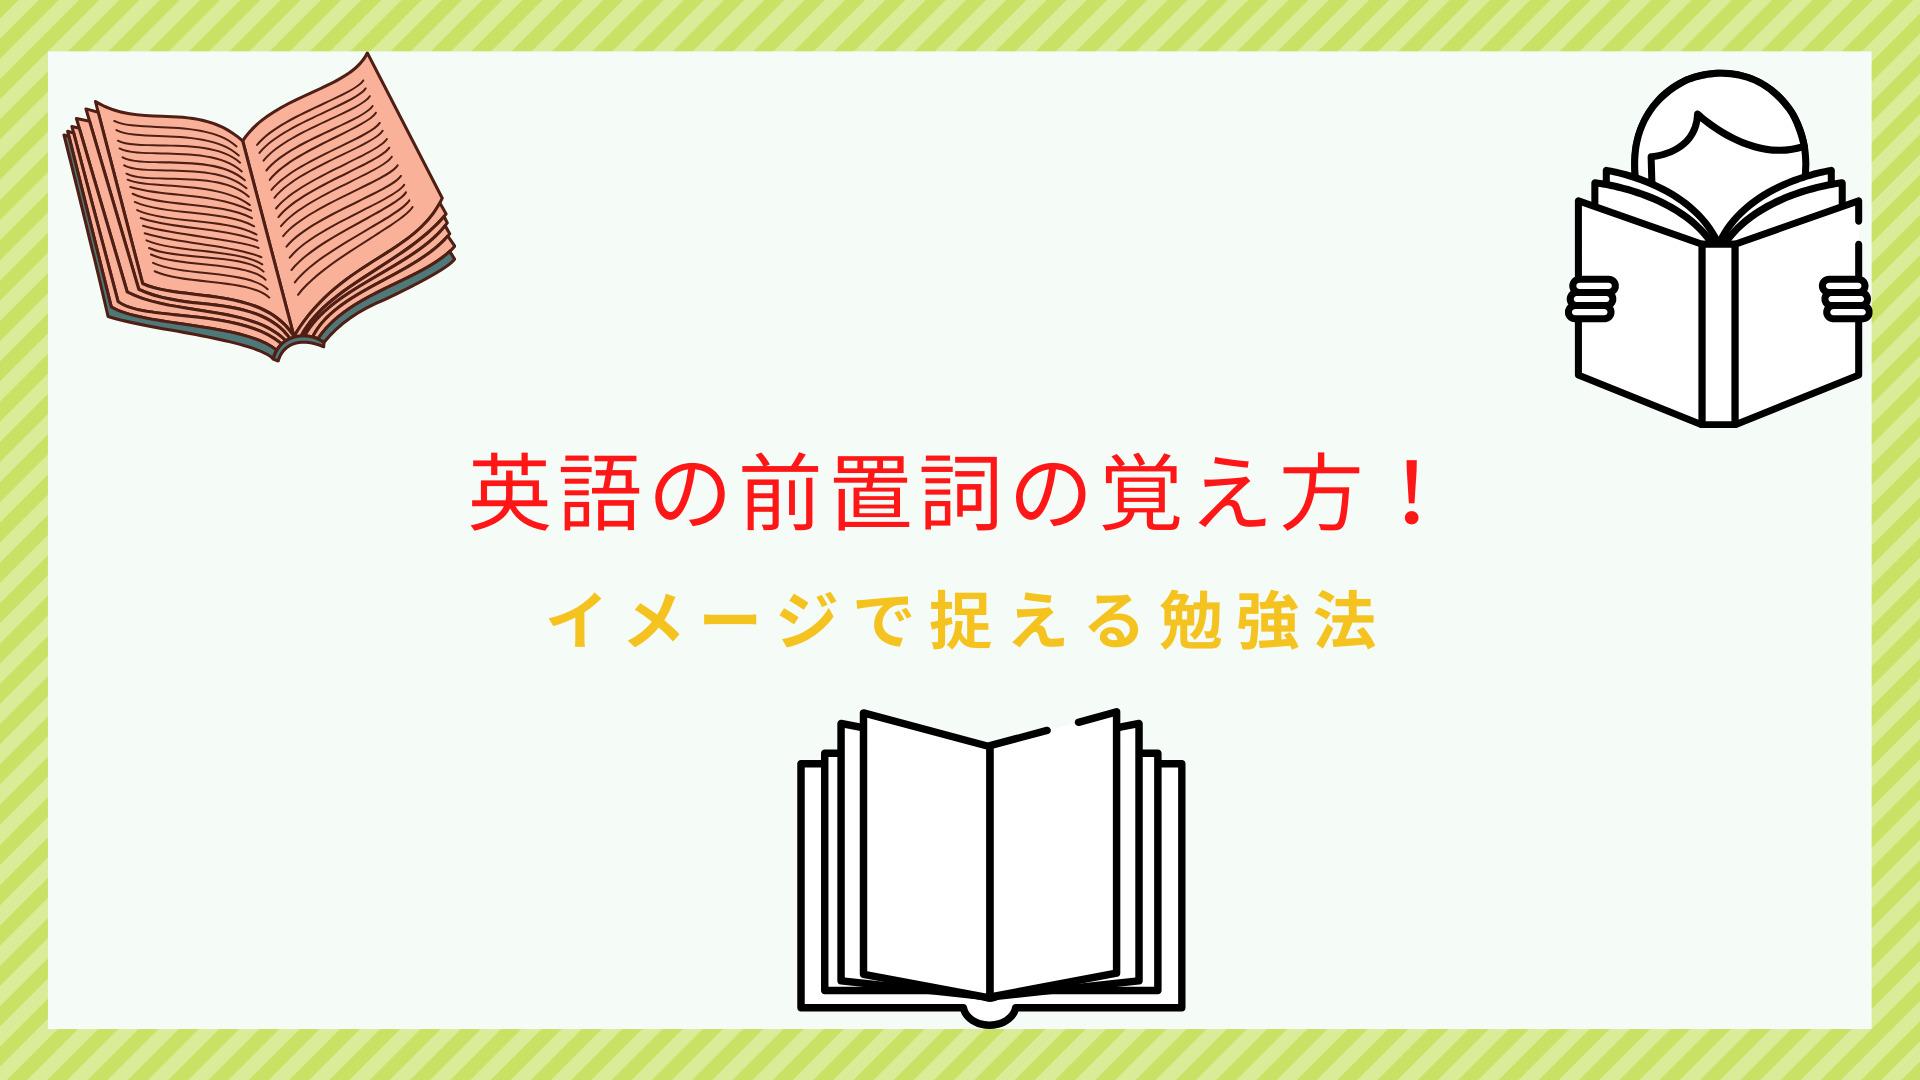 英語の前置詞の覚え方!イメージでとらえる勉強法【代表例9選】